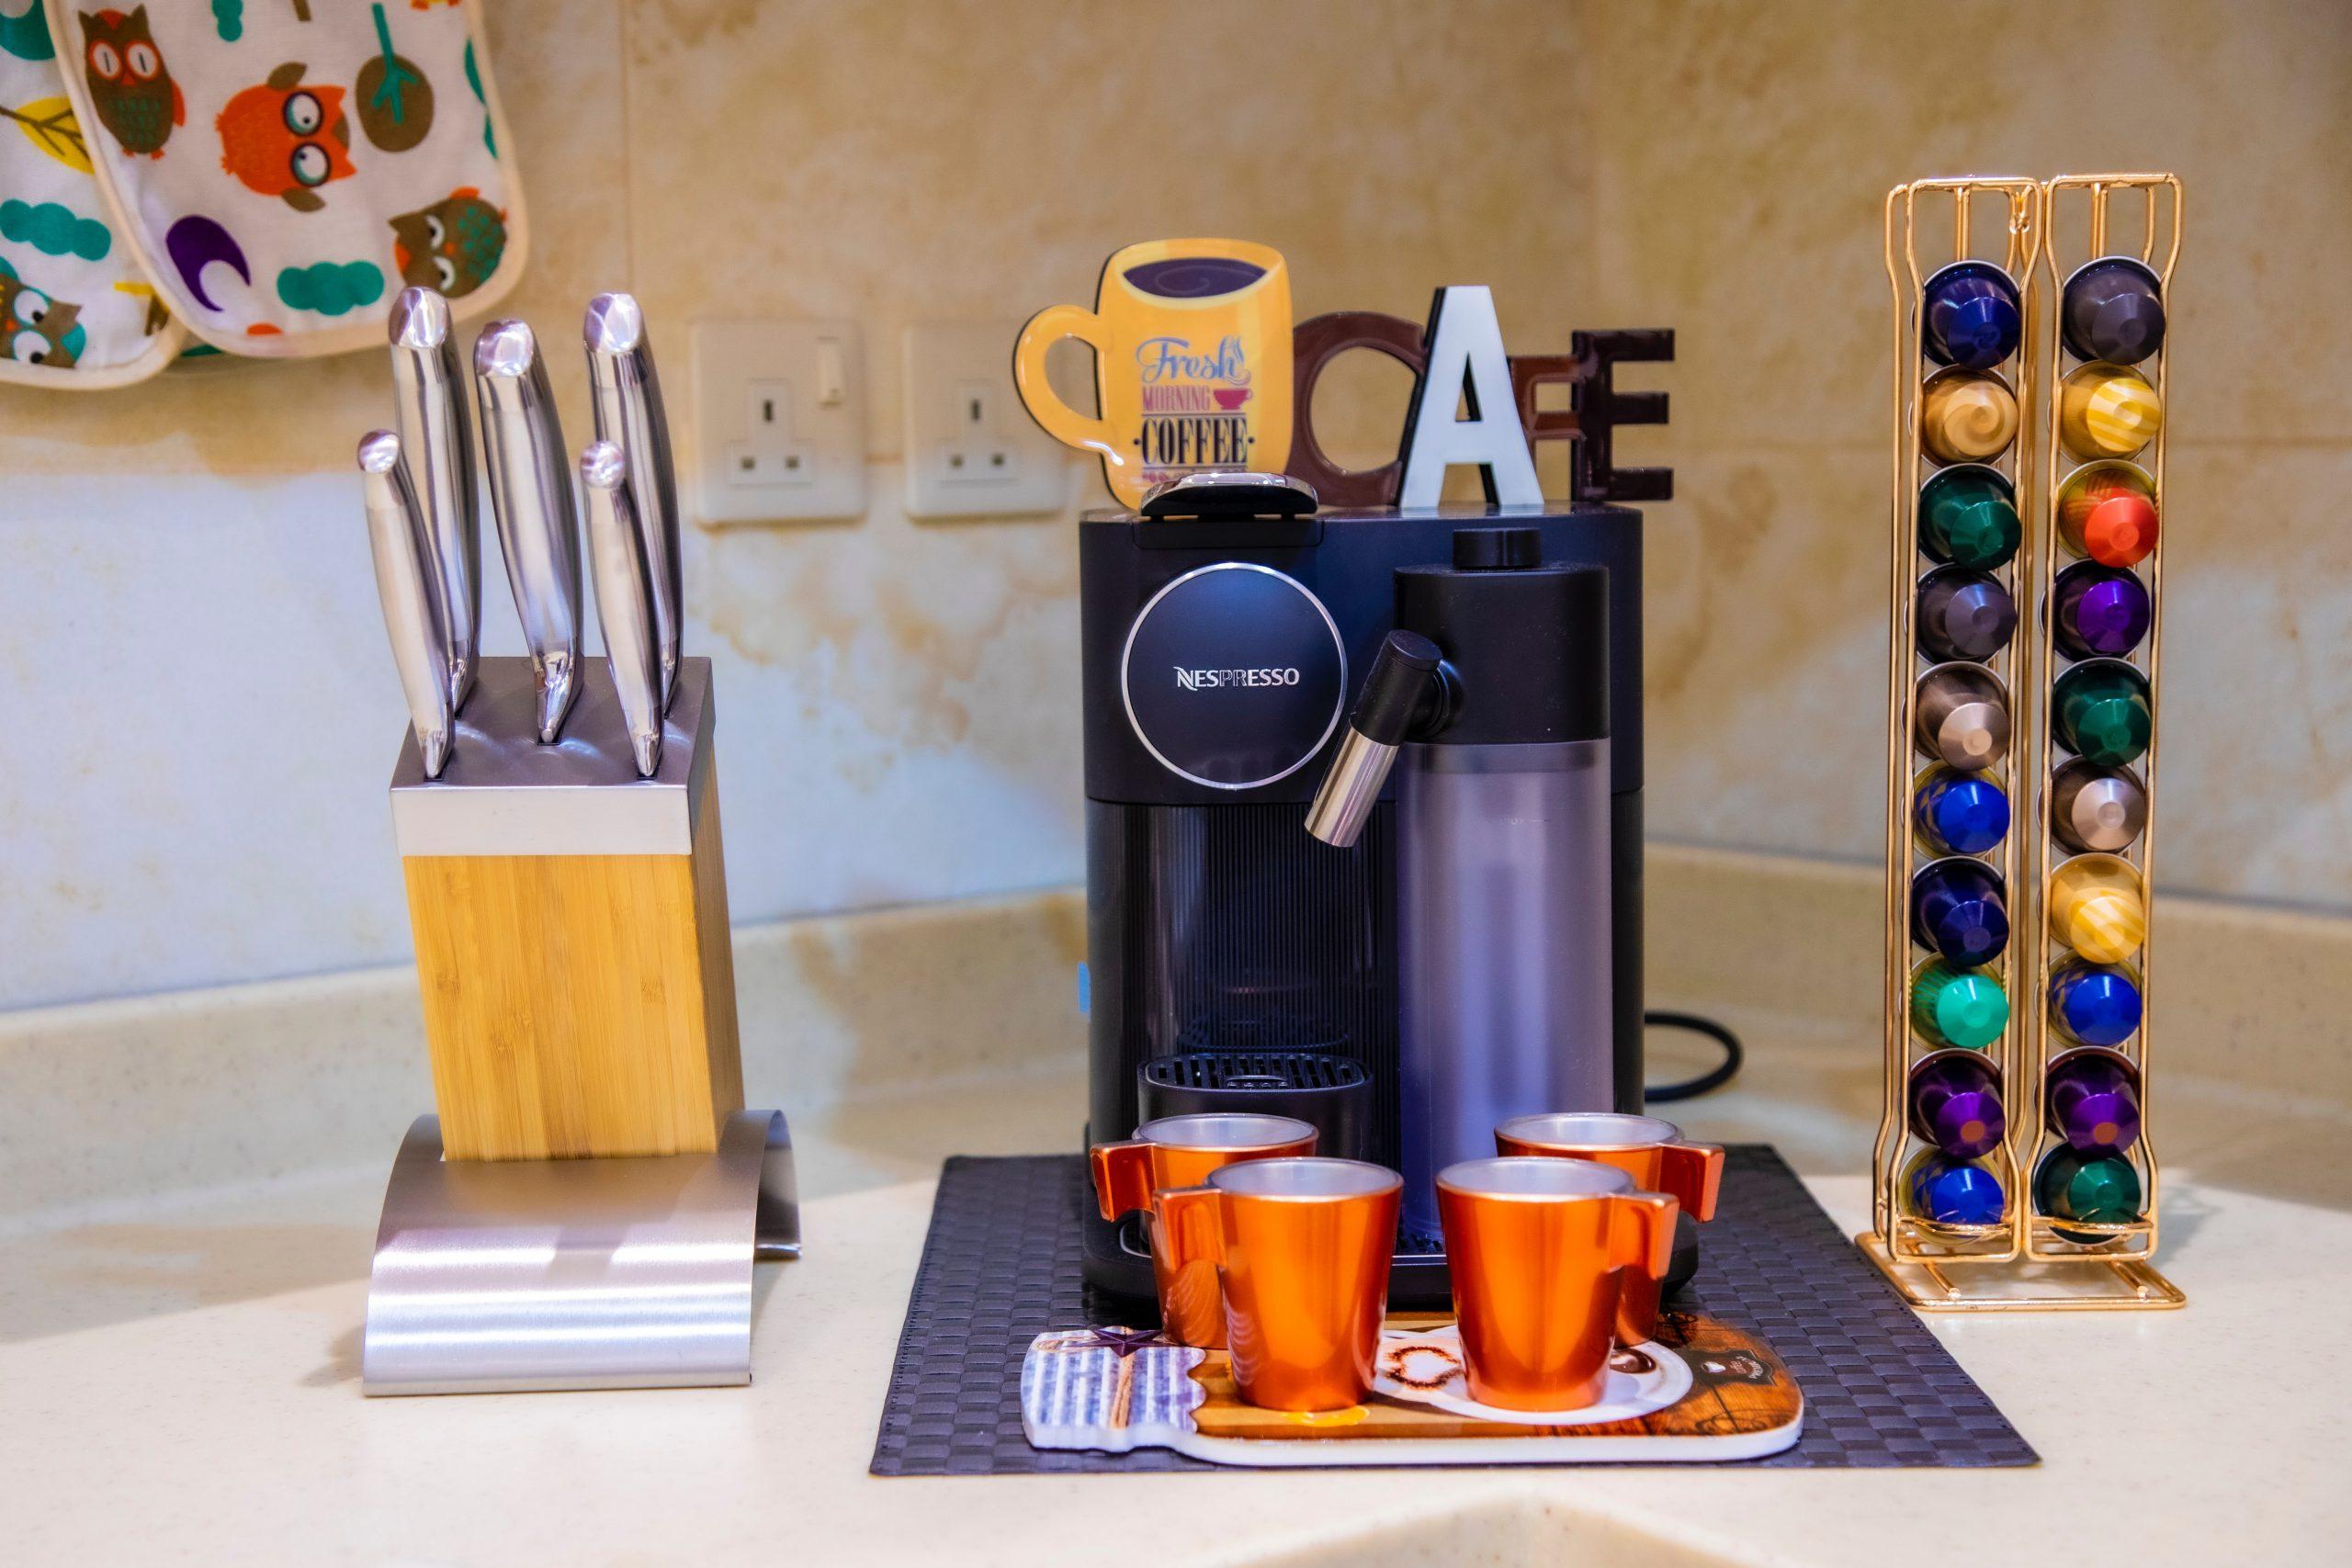 Máquinas Nespresso com cápsulas de café ao redor.